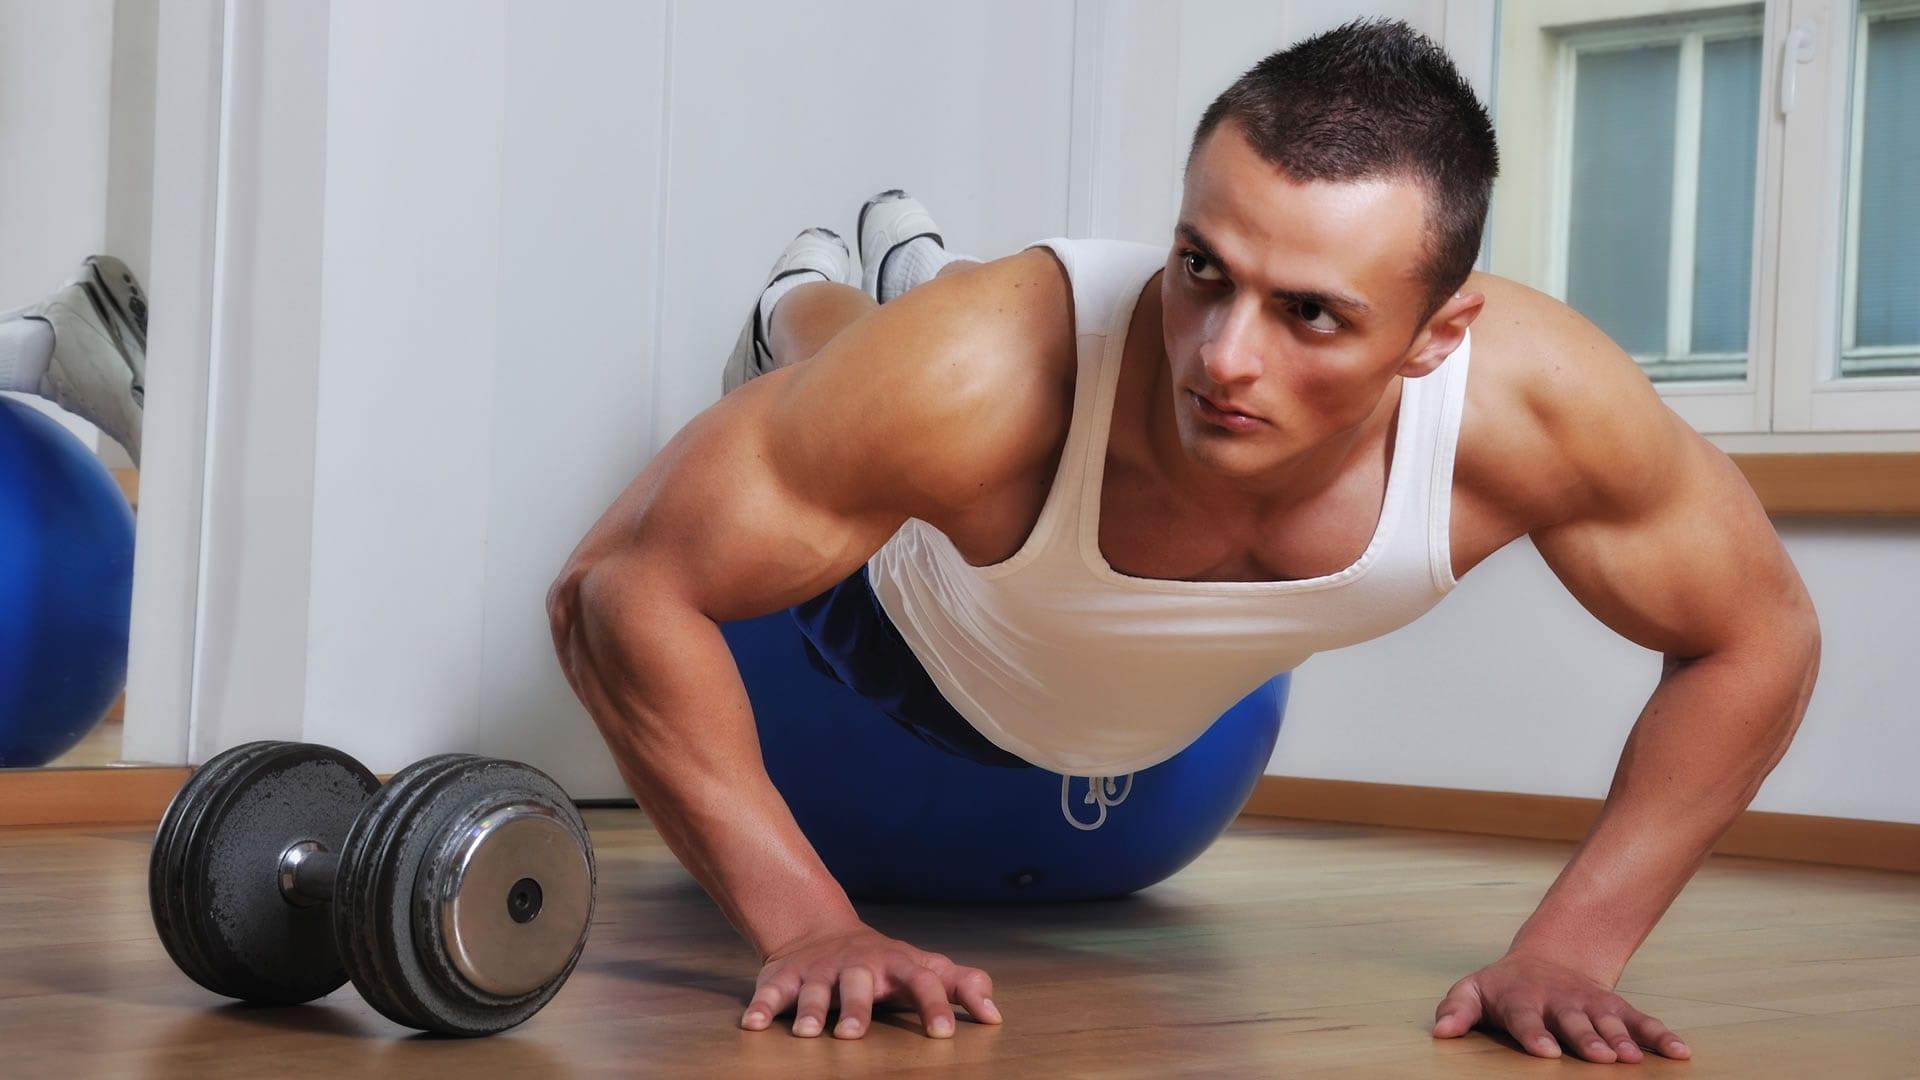 12 claves para el desarrollo muscular   Cambiatufisico